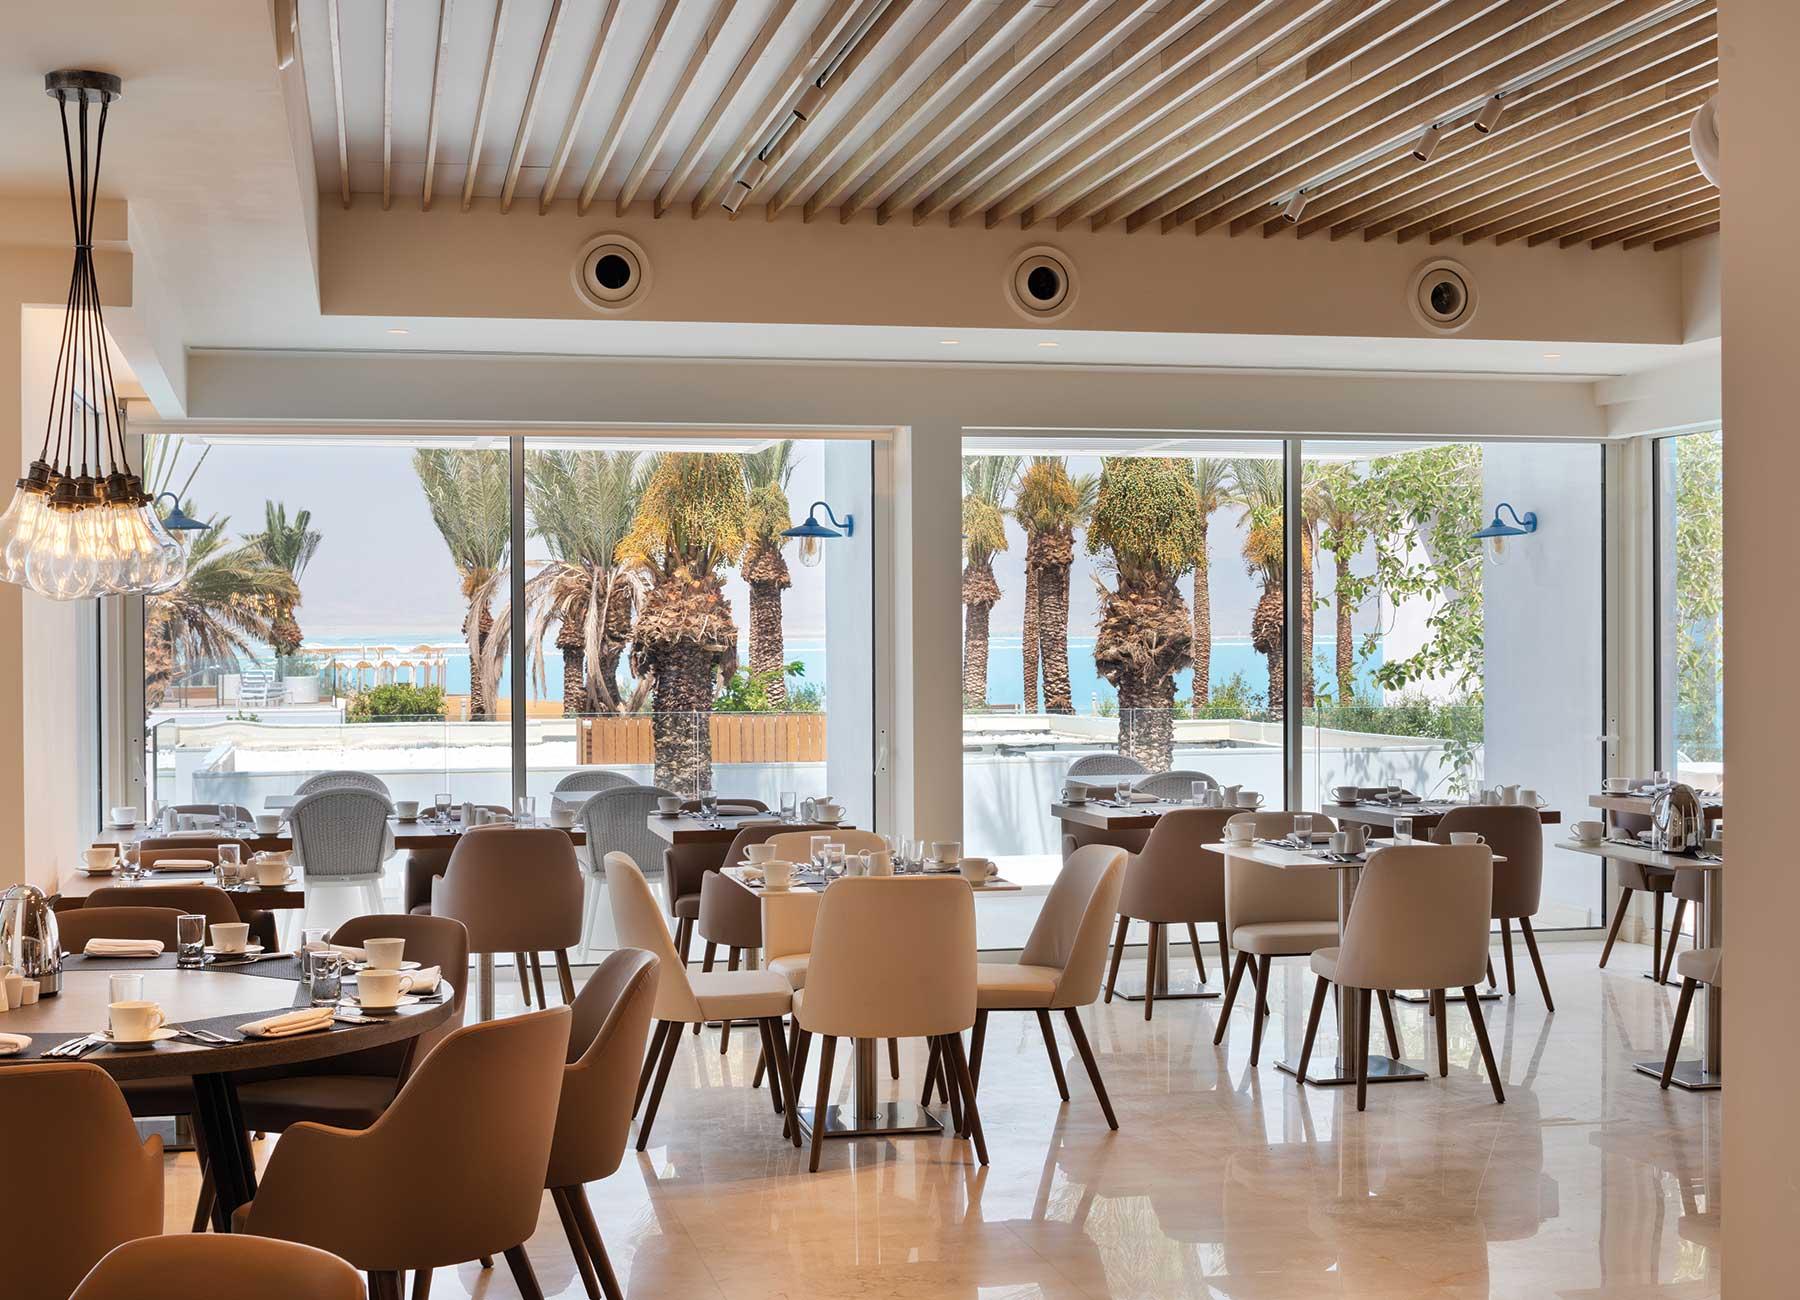 חדר אוכל במלון מילוס ים המלח